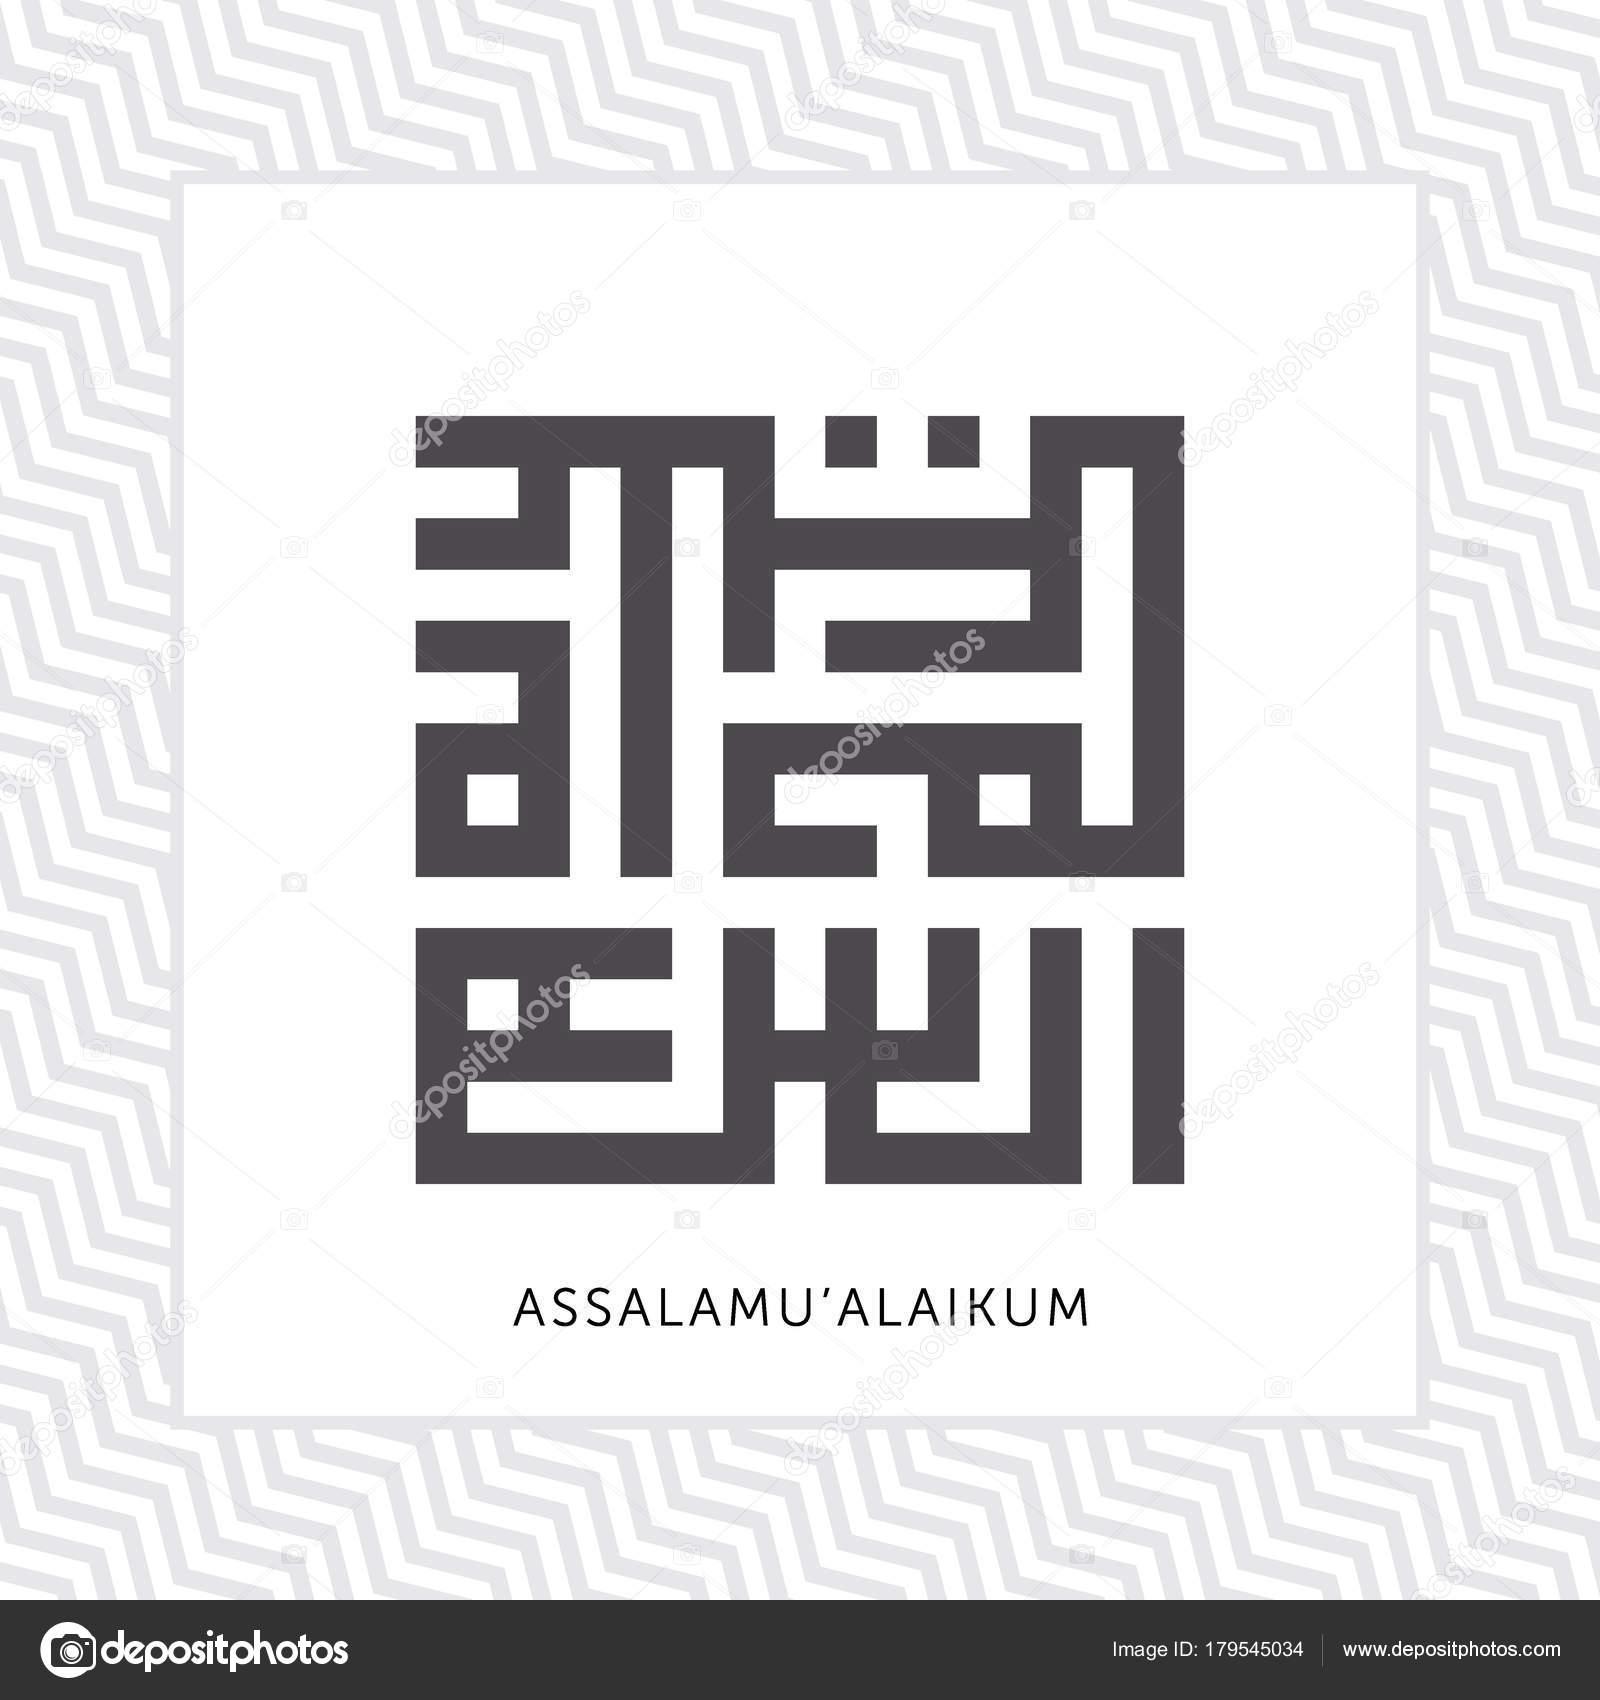 Kufic Calligraphy Assalamu Alaikum Peace You Islamic